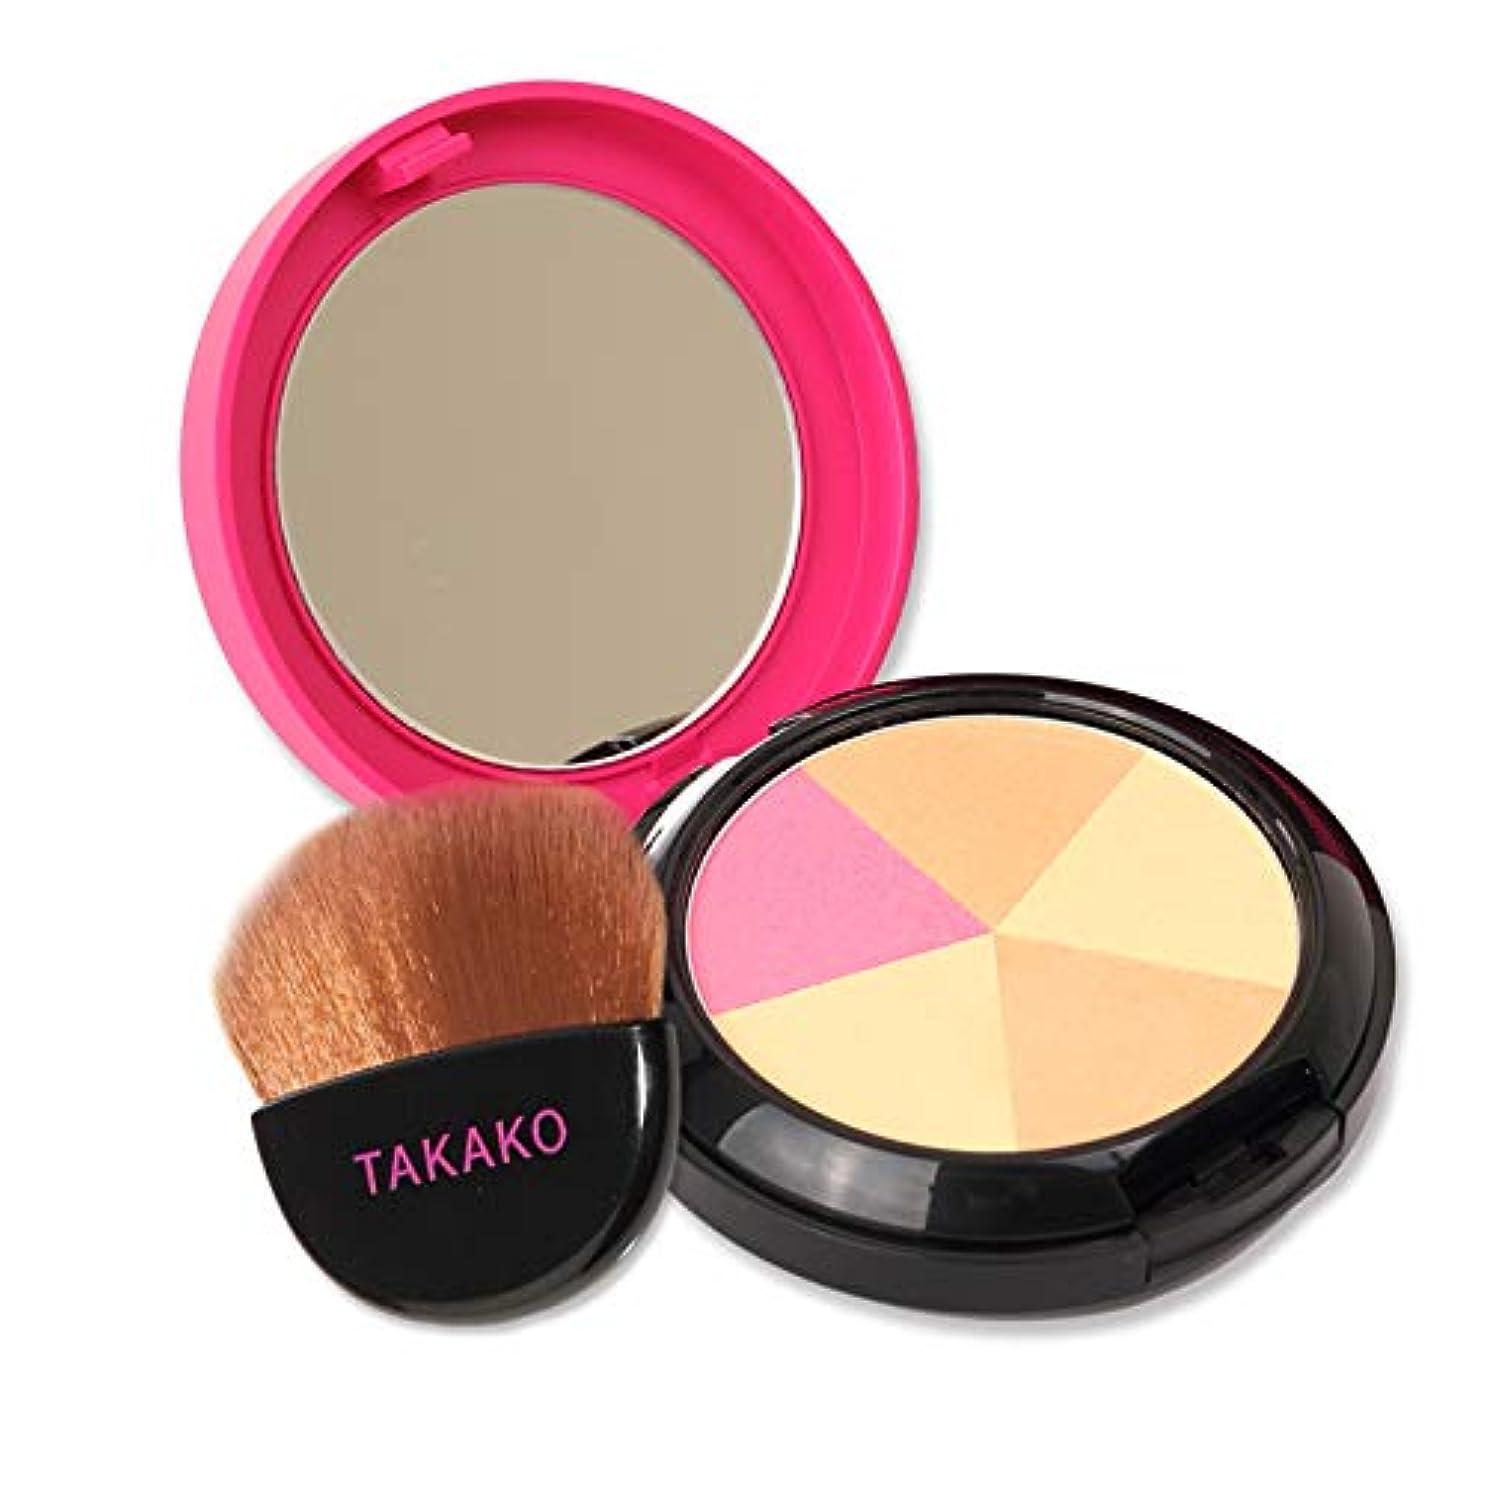 バター強大な発疹TAKAKO スターリングパウダー フェイスパウダー 厳選3色でツヤ肌 フェースパウダー プレストパウダー 12g TAKAKO Power of Beauty STARRING POWDER【タカコ コスメ】